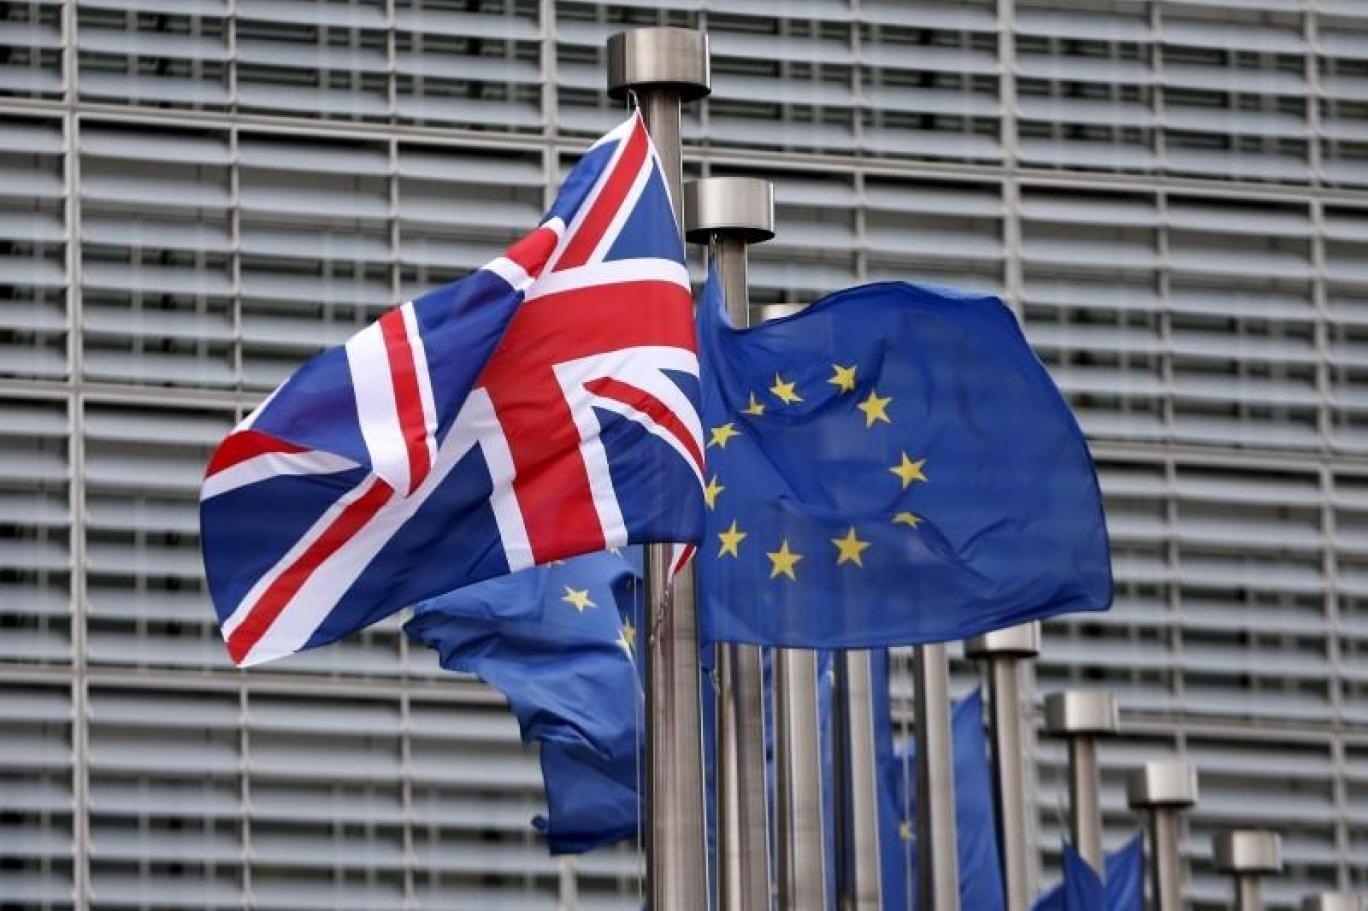 في حال عدم التوصل لاتفاق ستكون خسارة بريطانيا أكبر بكثير من خسارة أوروبا